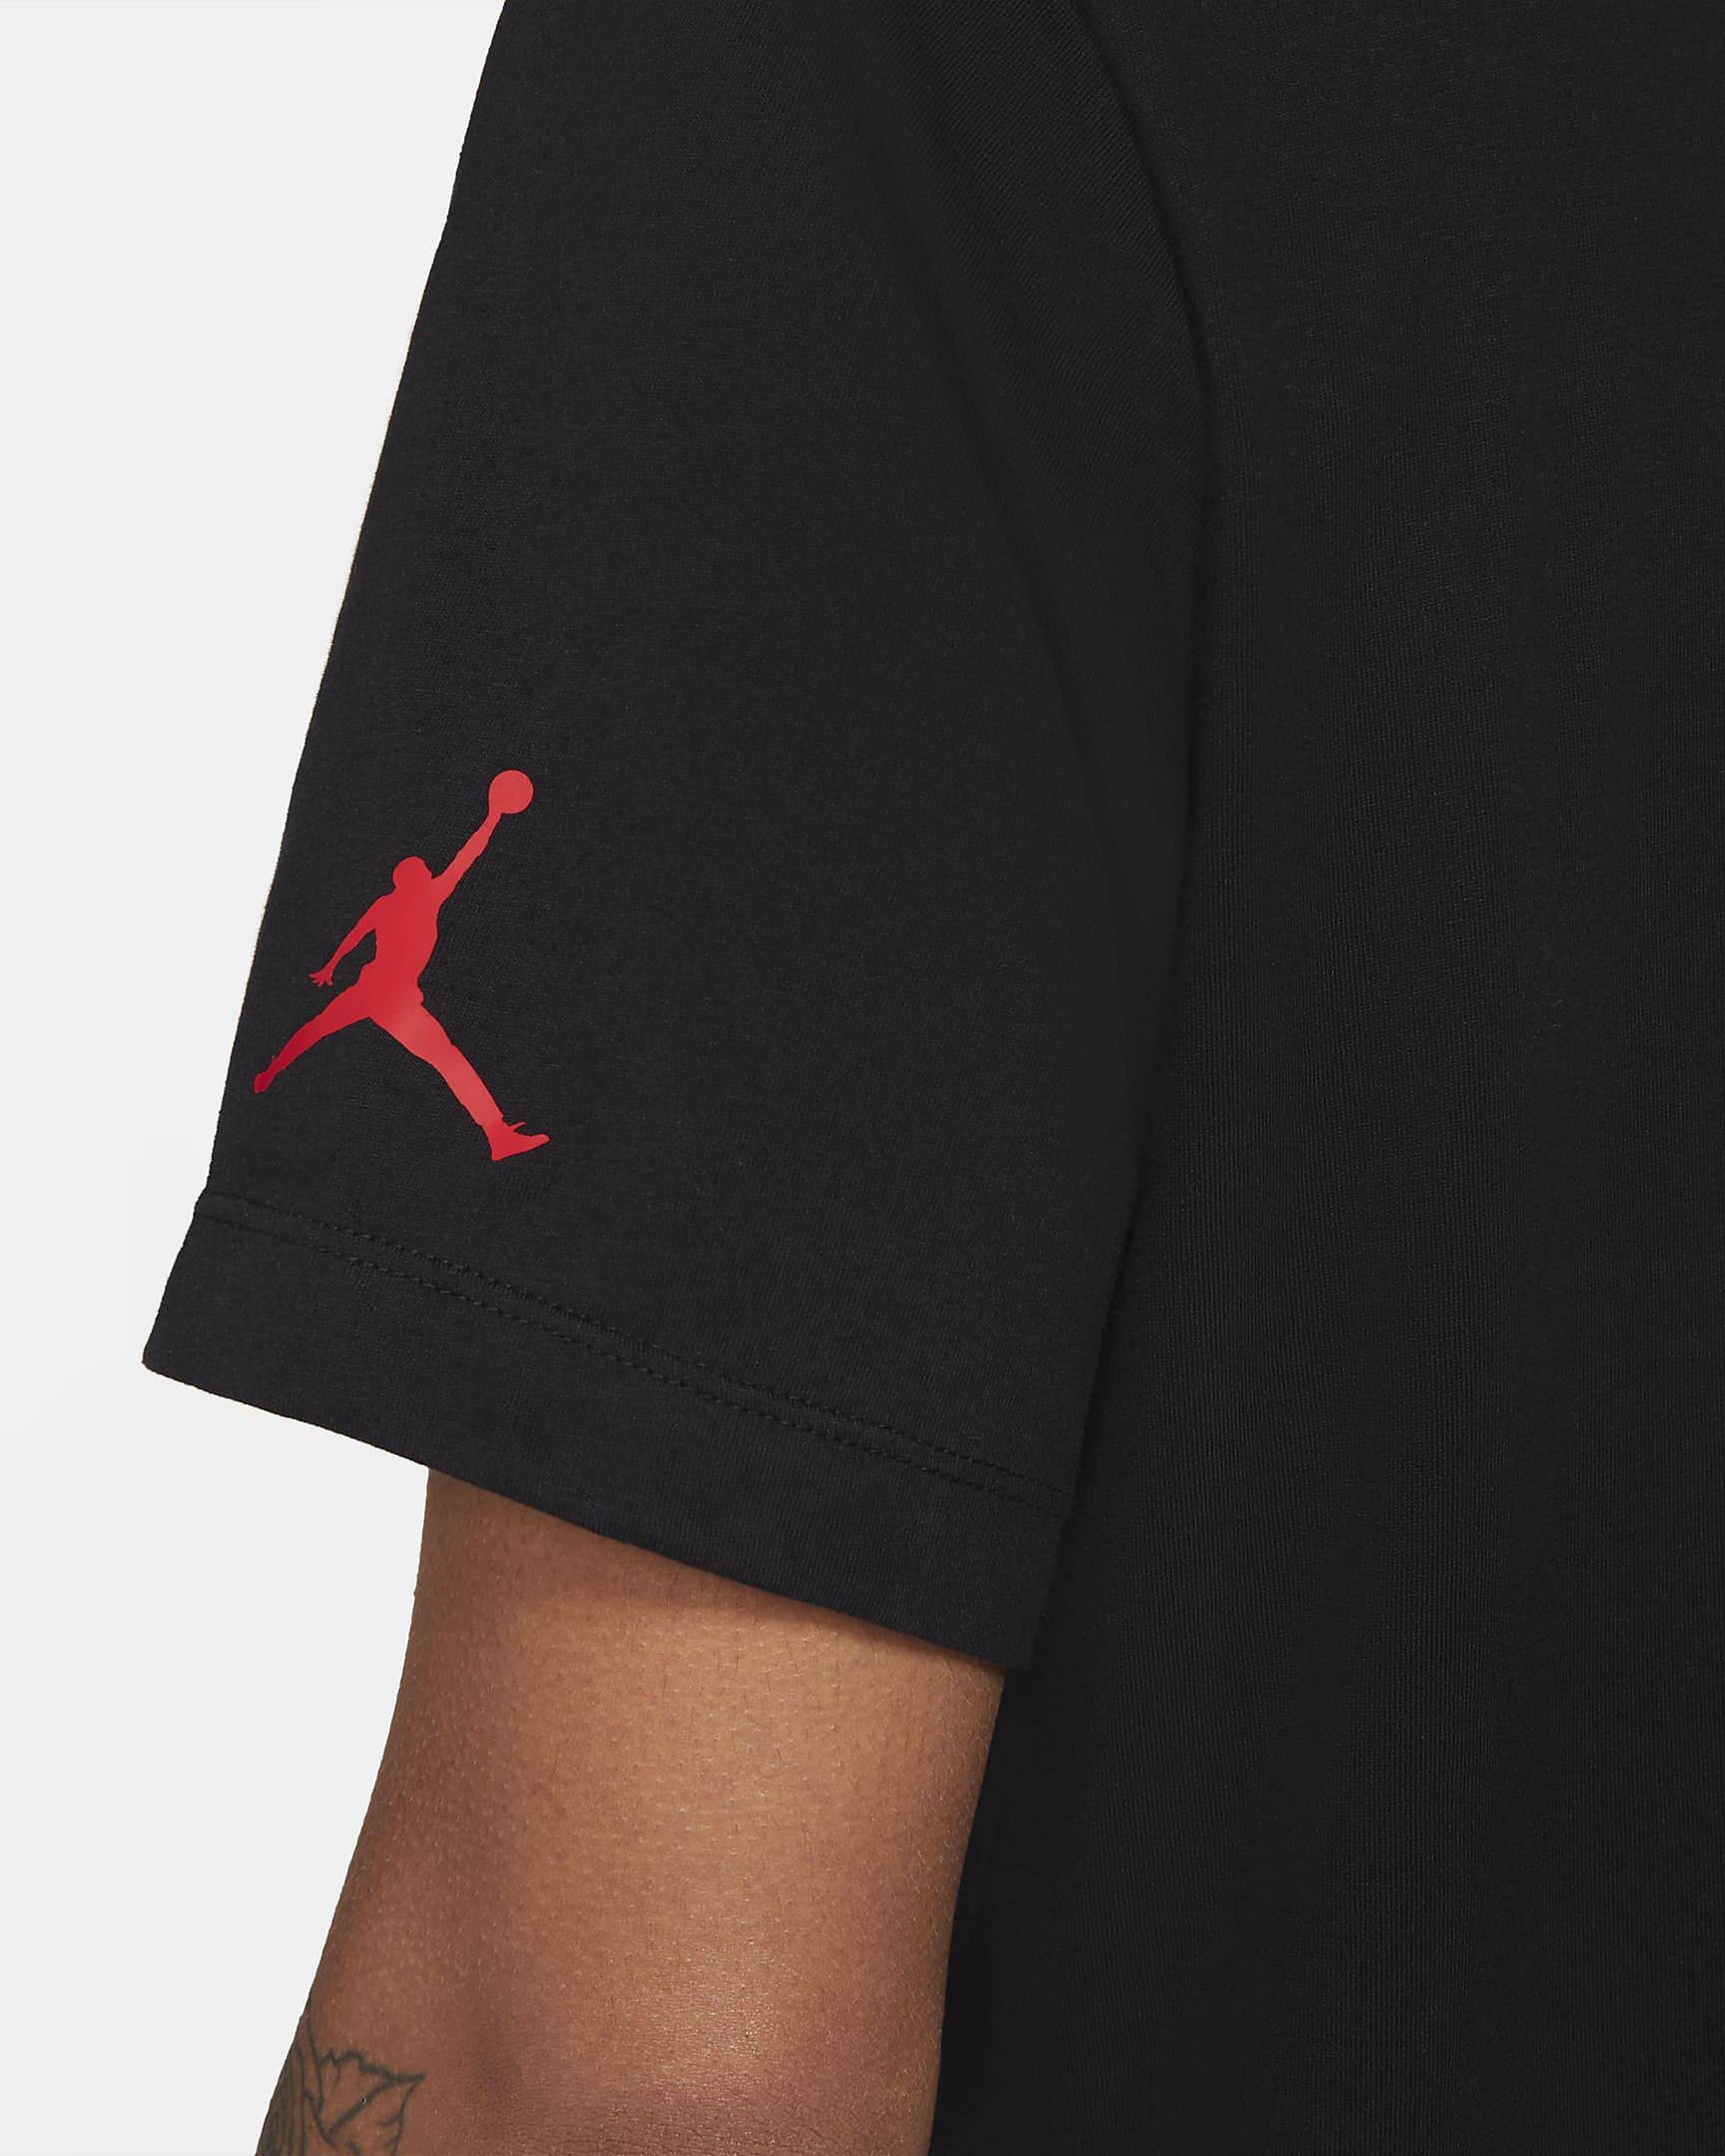 jordan-jumpman-air-mensn-short-sleeve-t-shirt-dG7grb-10